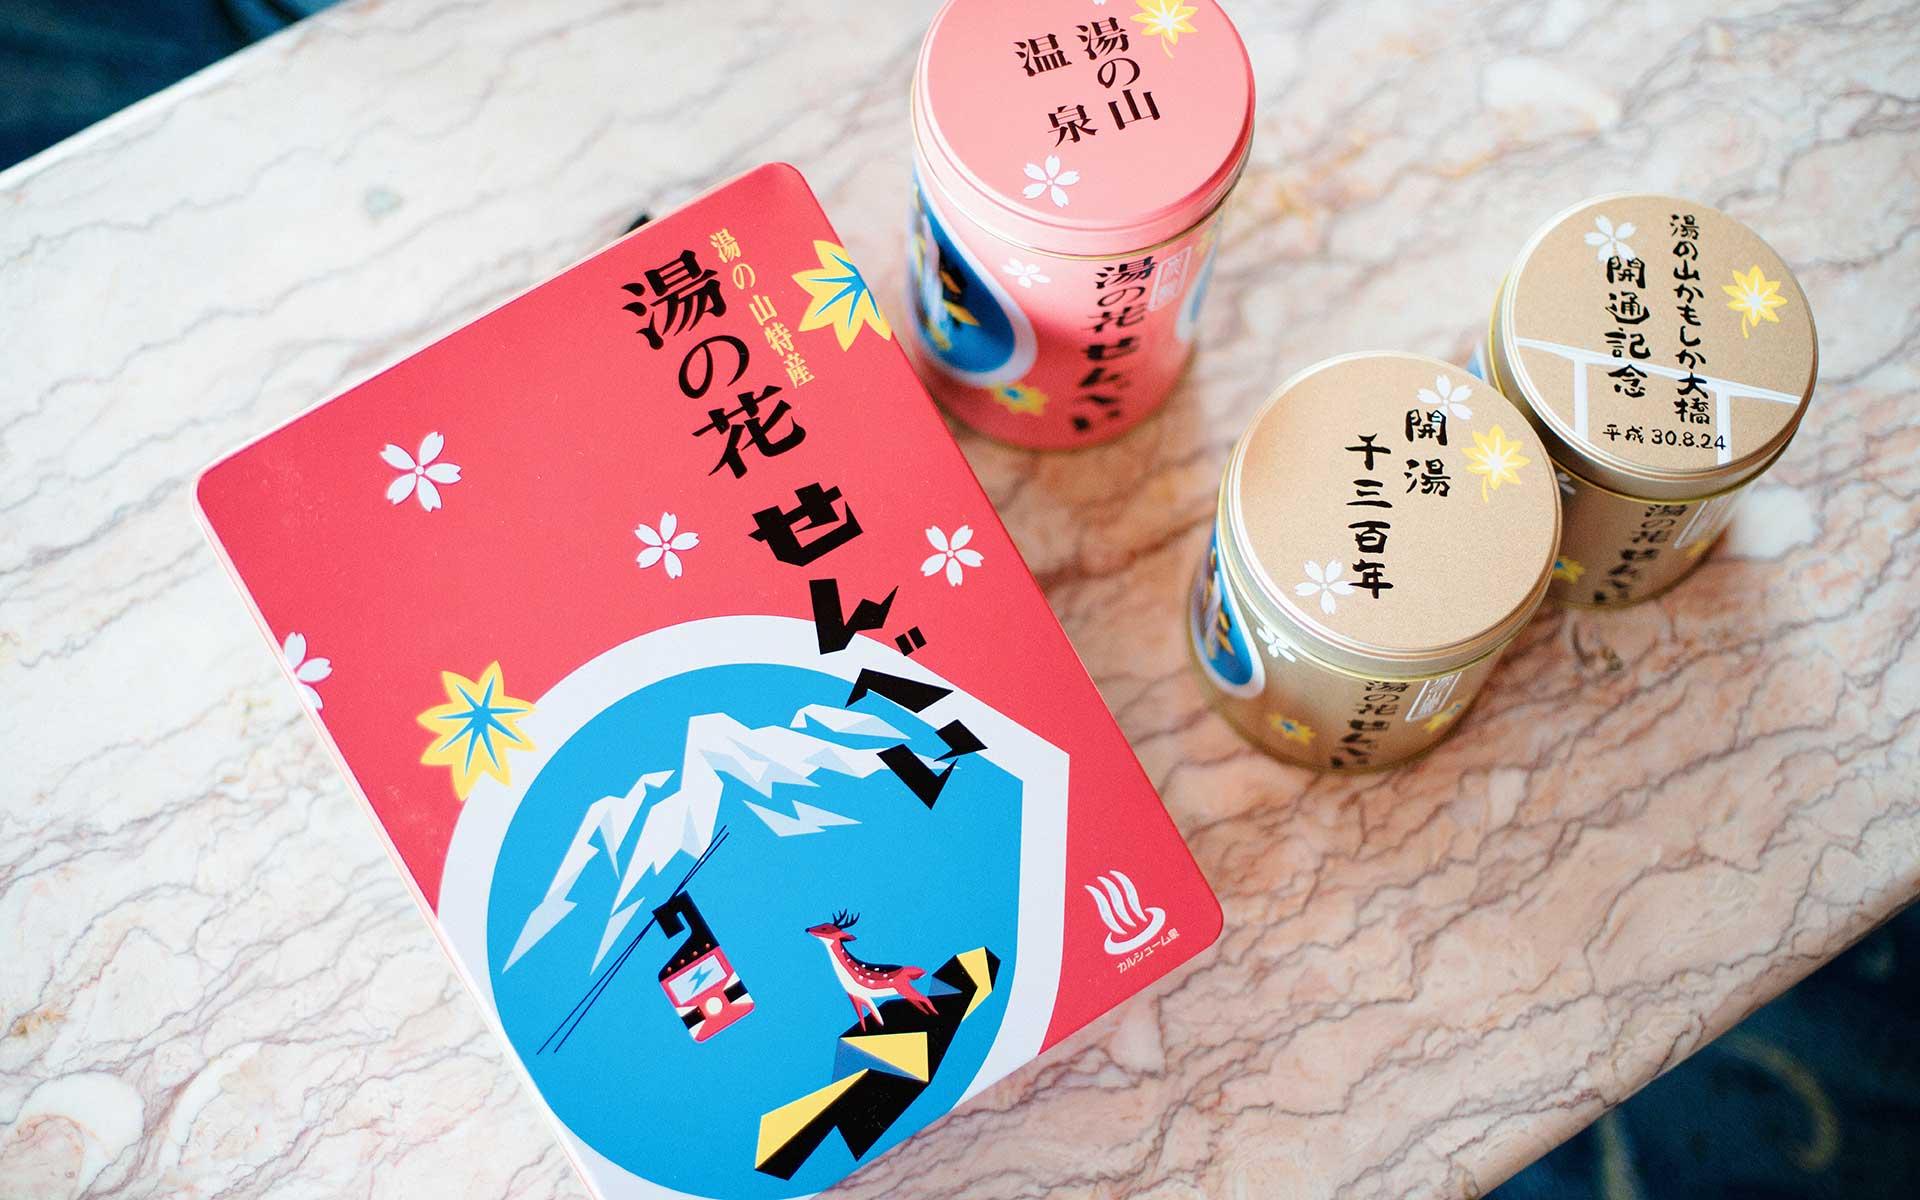 レトロかわいいパッケージに一目惚れ、日の出屋製菓の「湯の花せんべい」